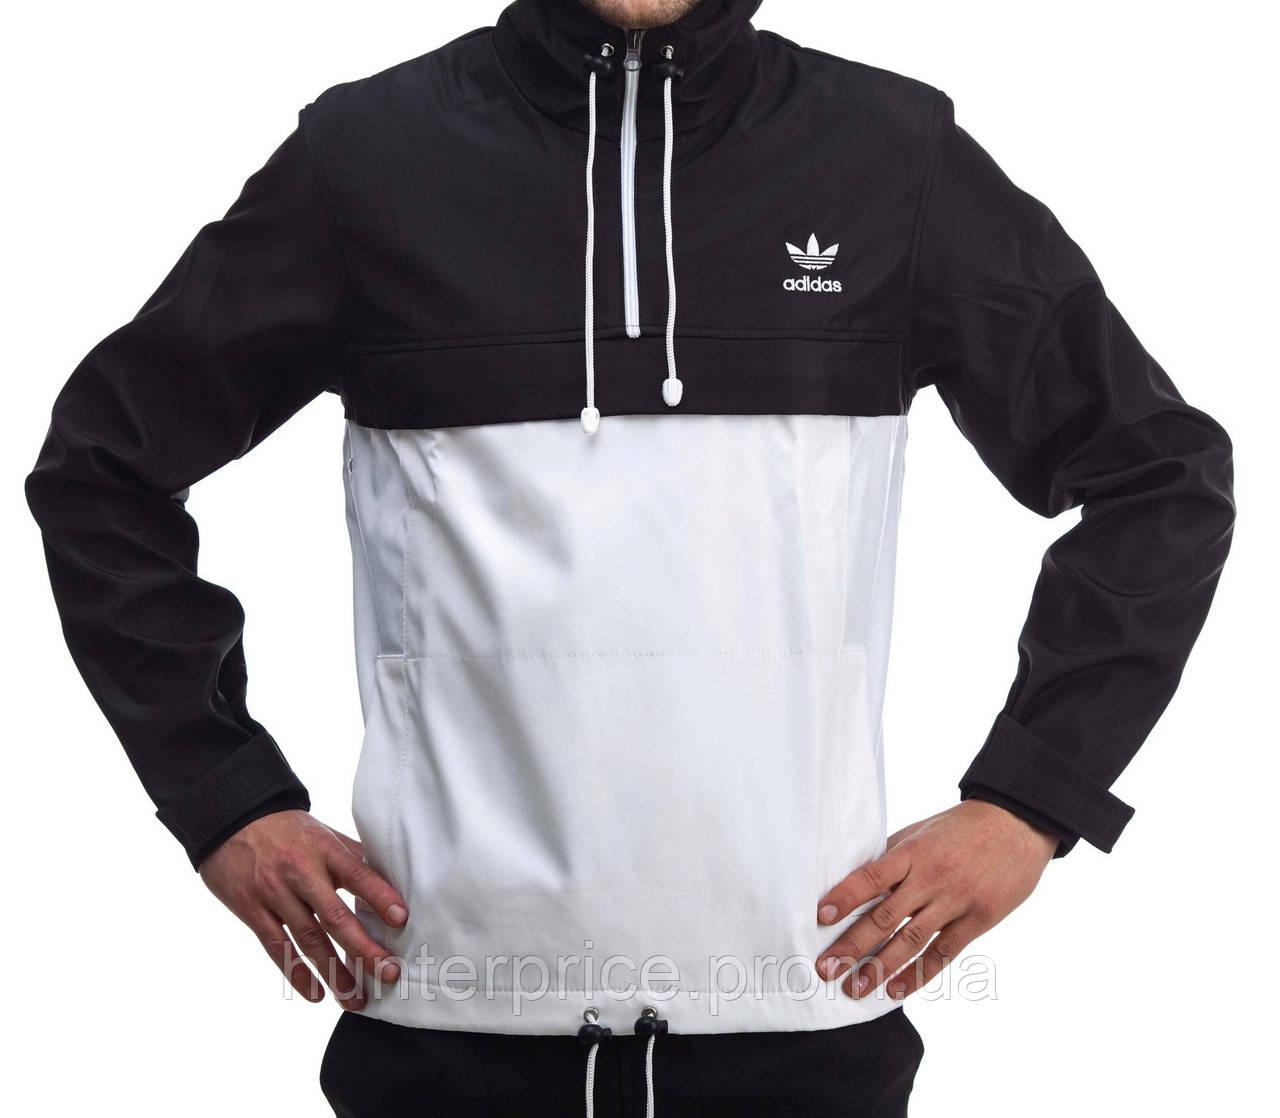 40295f48 Анорак Adidas, черно-белый - Интернет - магазин